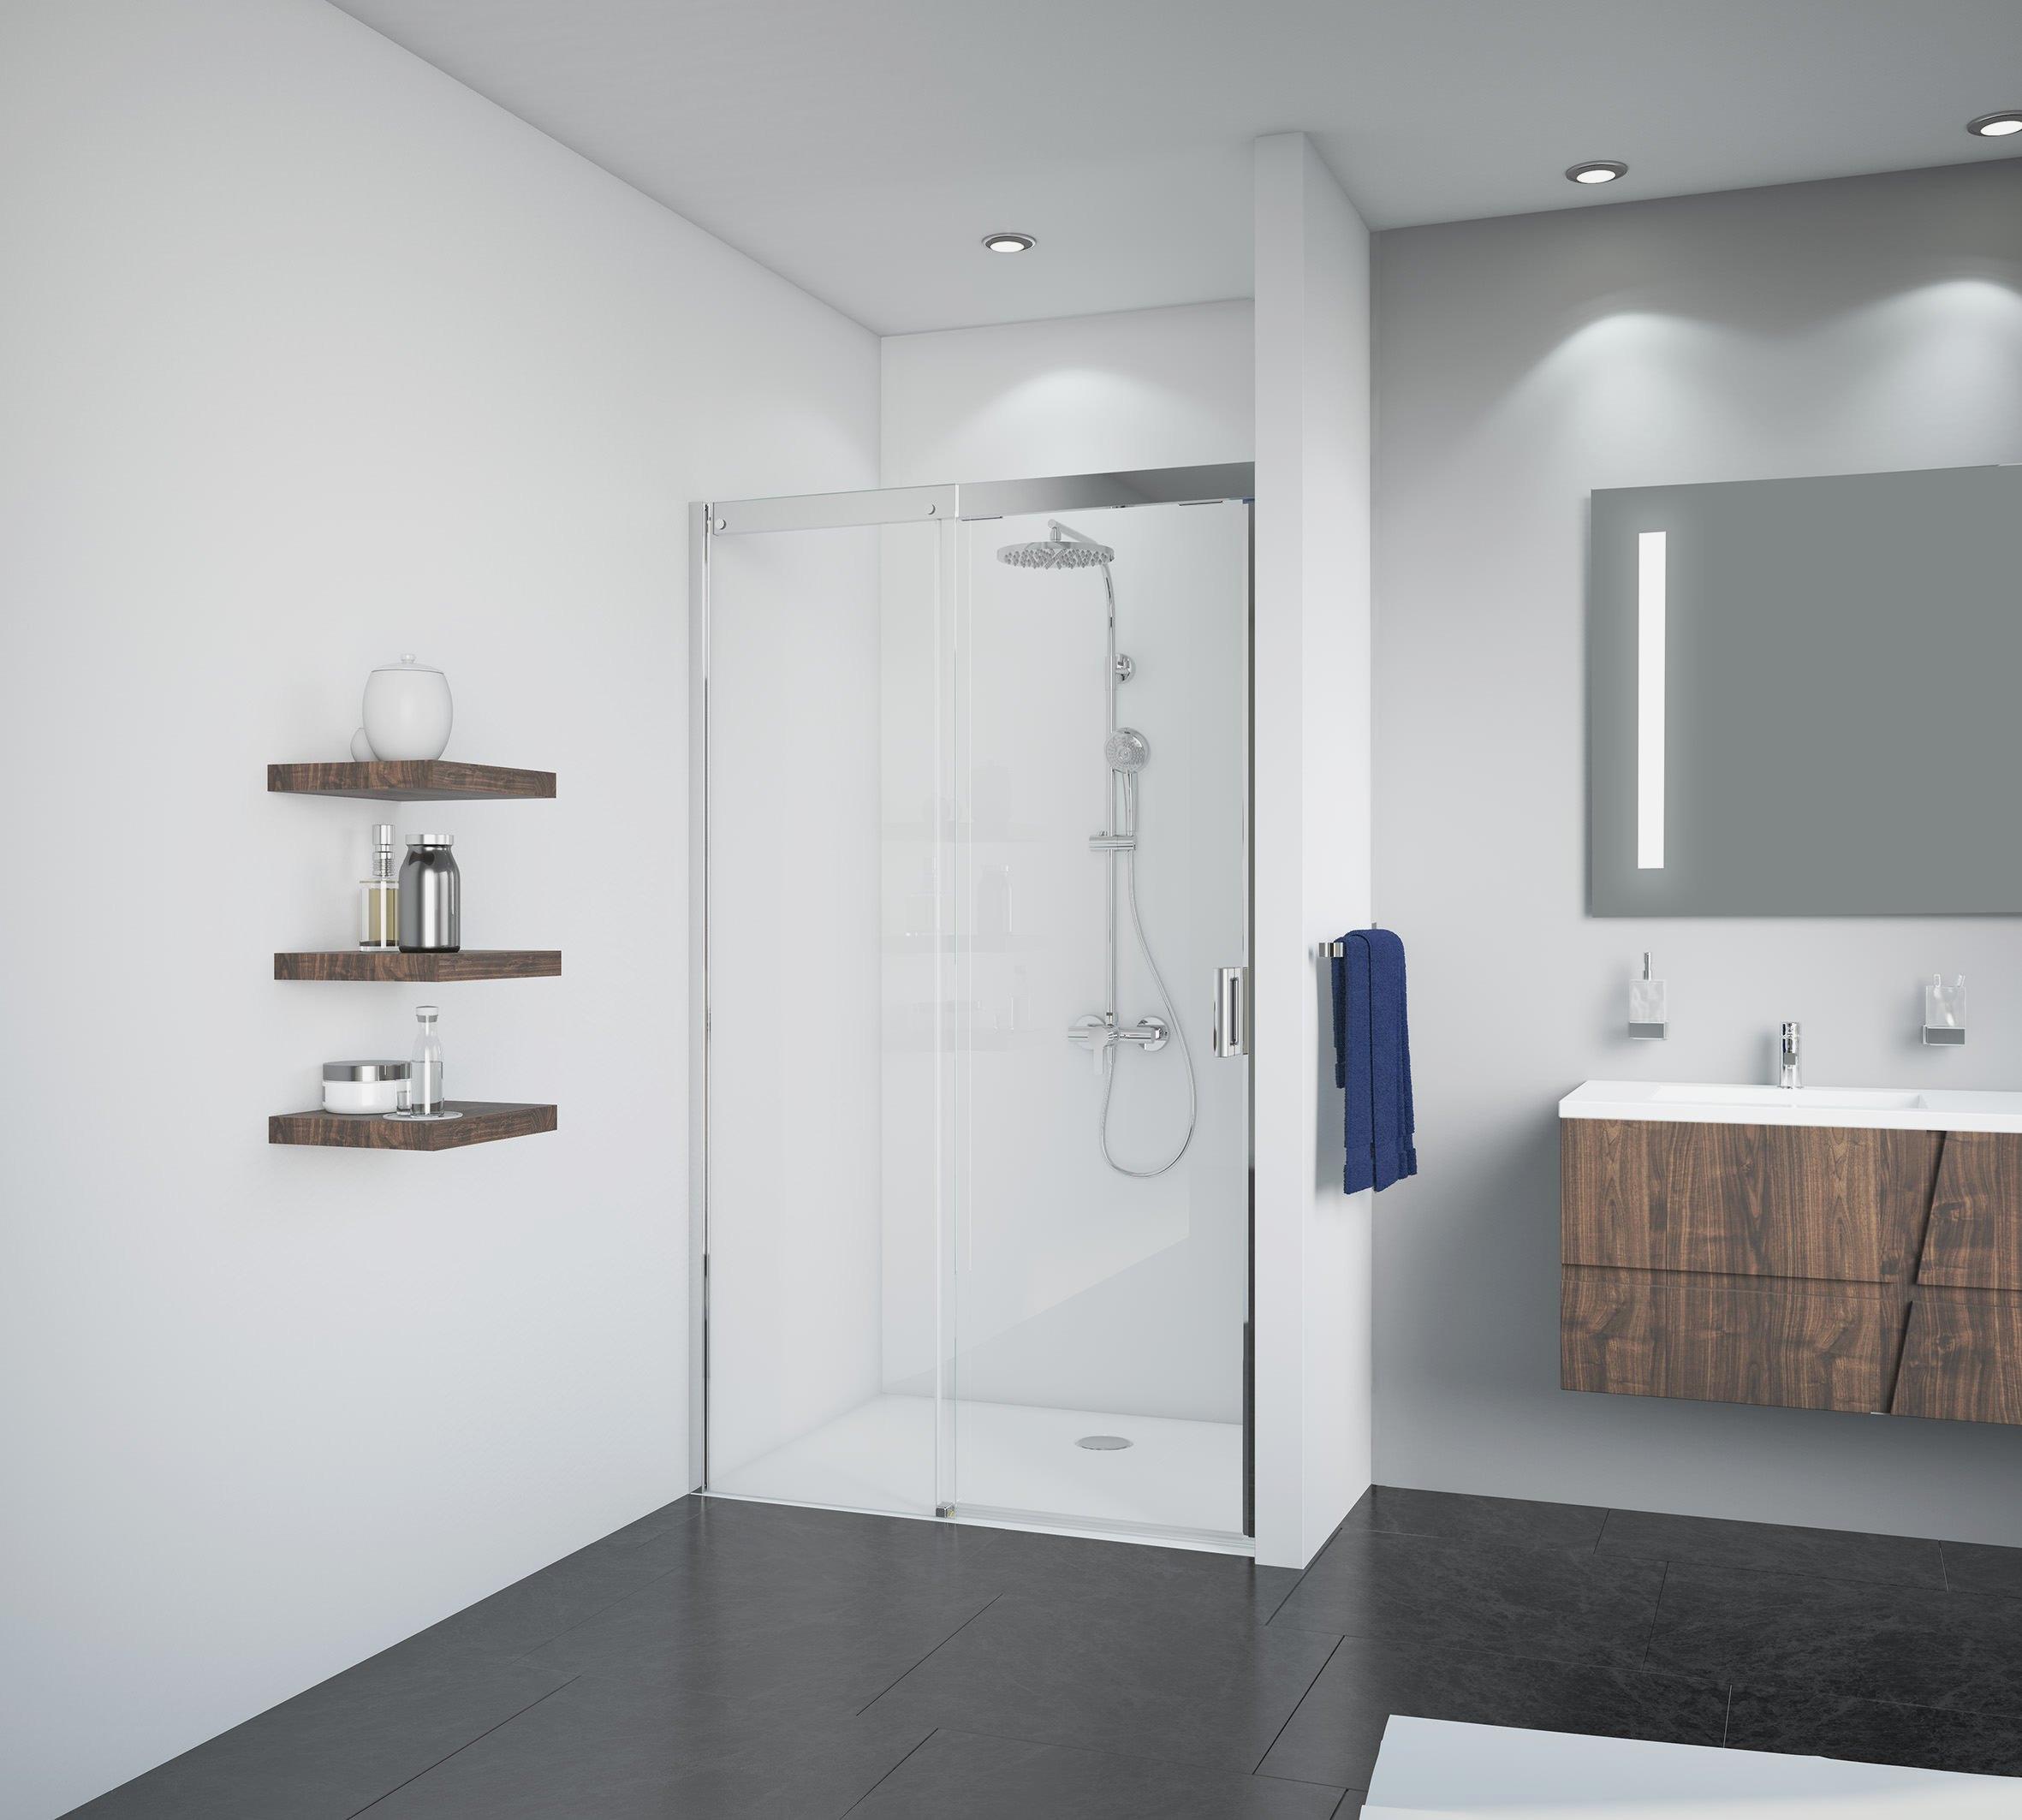 Full Size of Breuer Duschen Badewanne Mit Duschwand Hüppe Hsk Schulte Bodengleiche Kaufen Sprinz Begehbare Werksverkauf Moderne Dusche Breuer Duschen